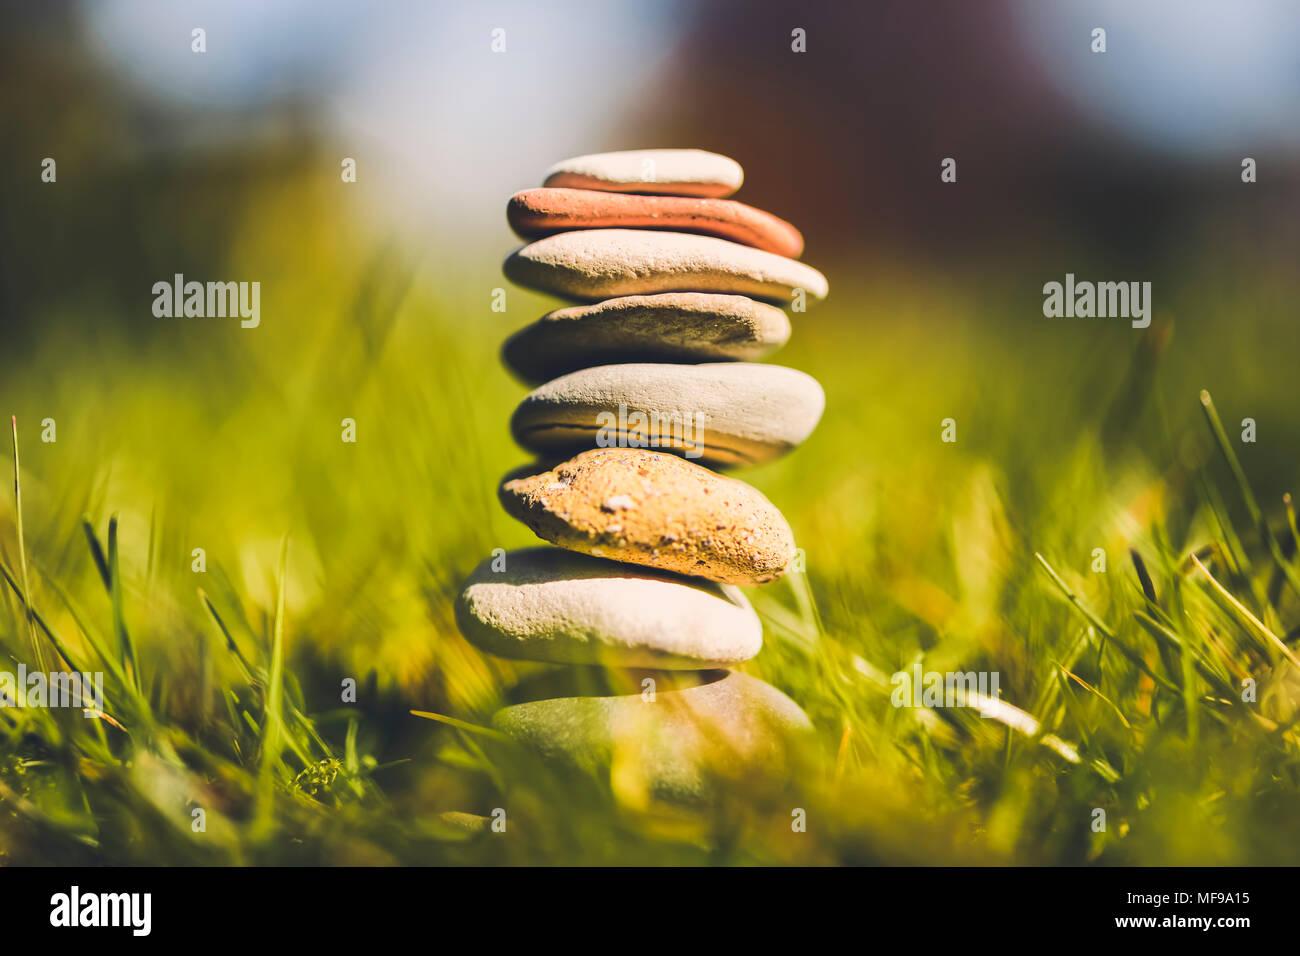 Gestapelte Steine, Harmonie, Balance Stockbild